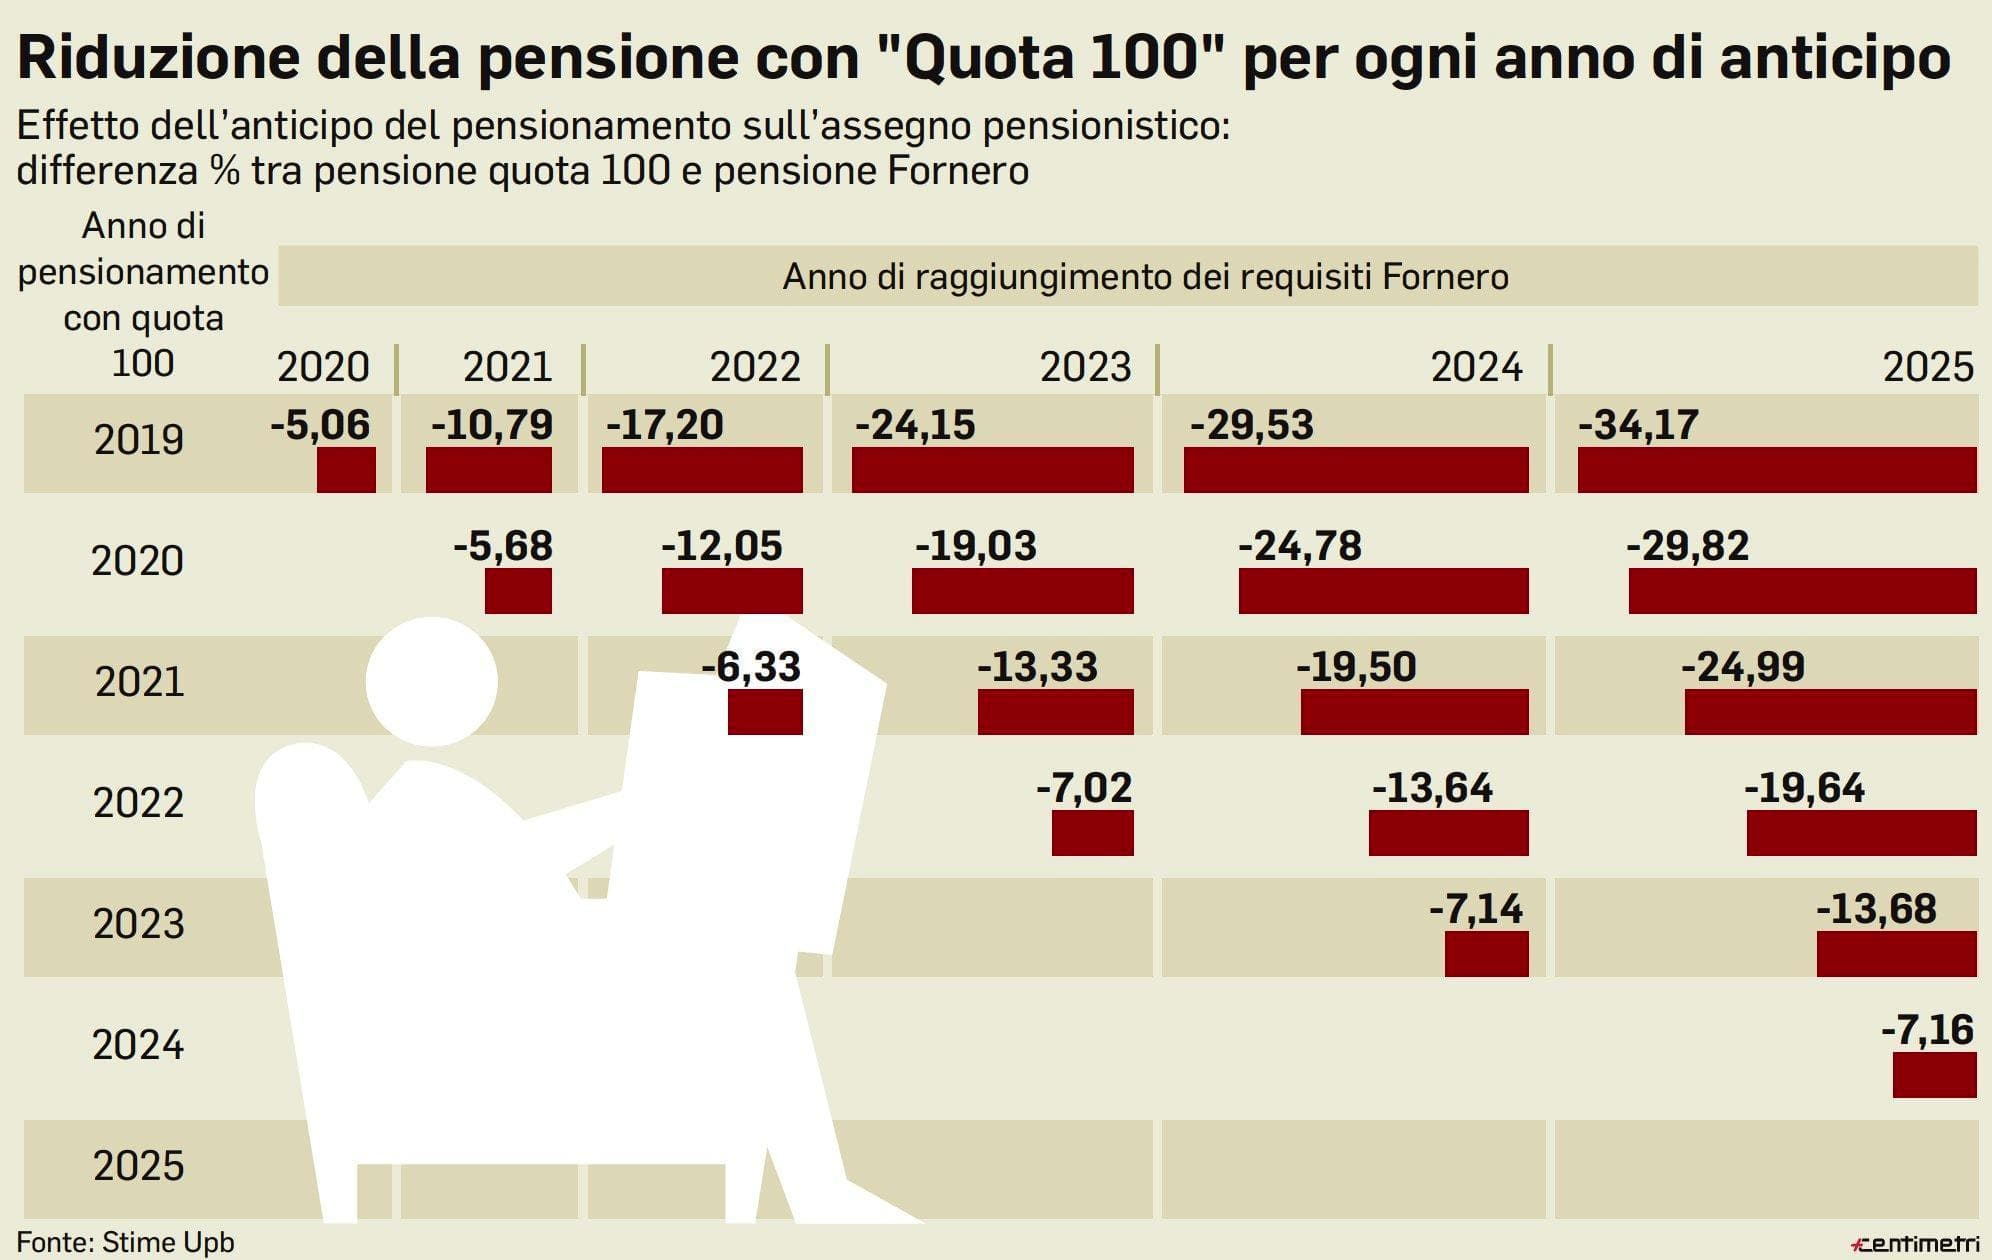 pensioni quota 100 infografica-2